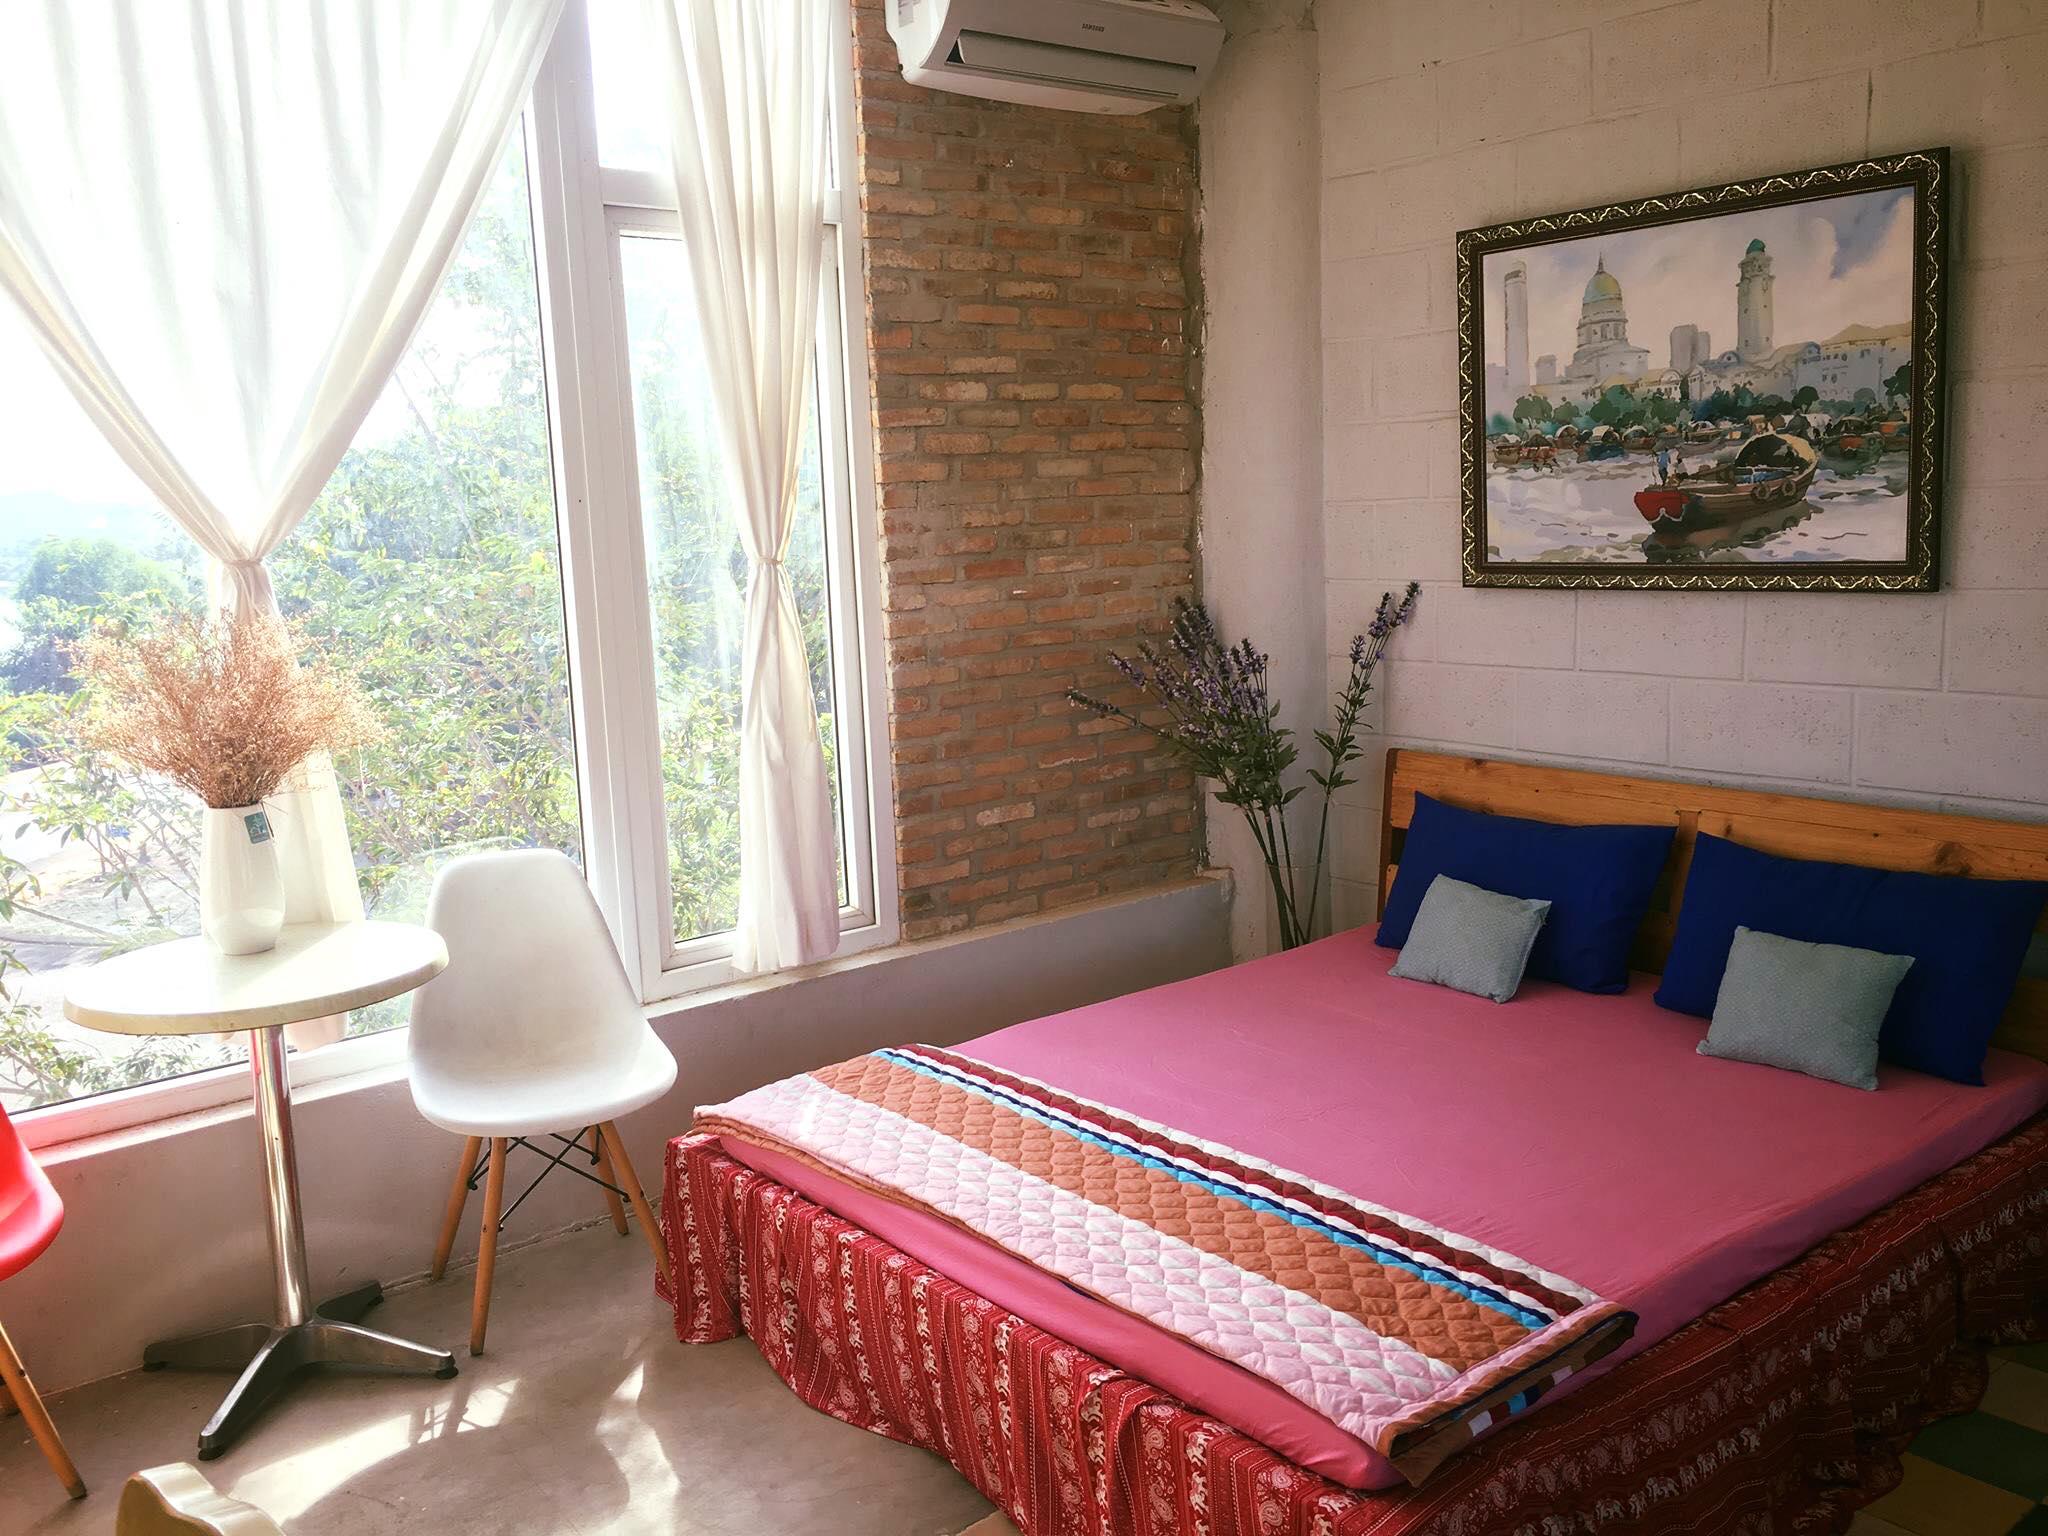 Nhà quê Homestay Phan Thiết